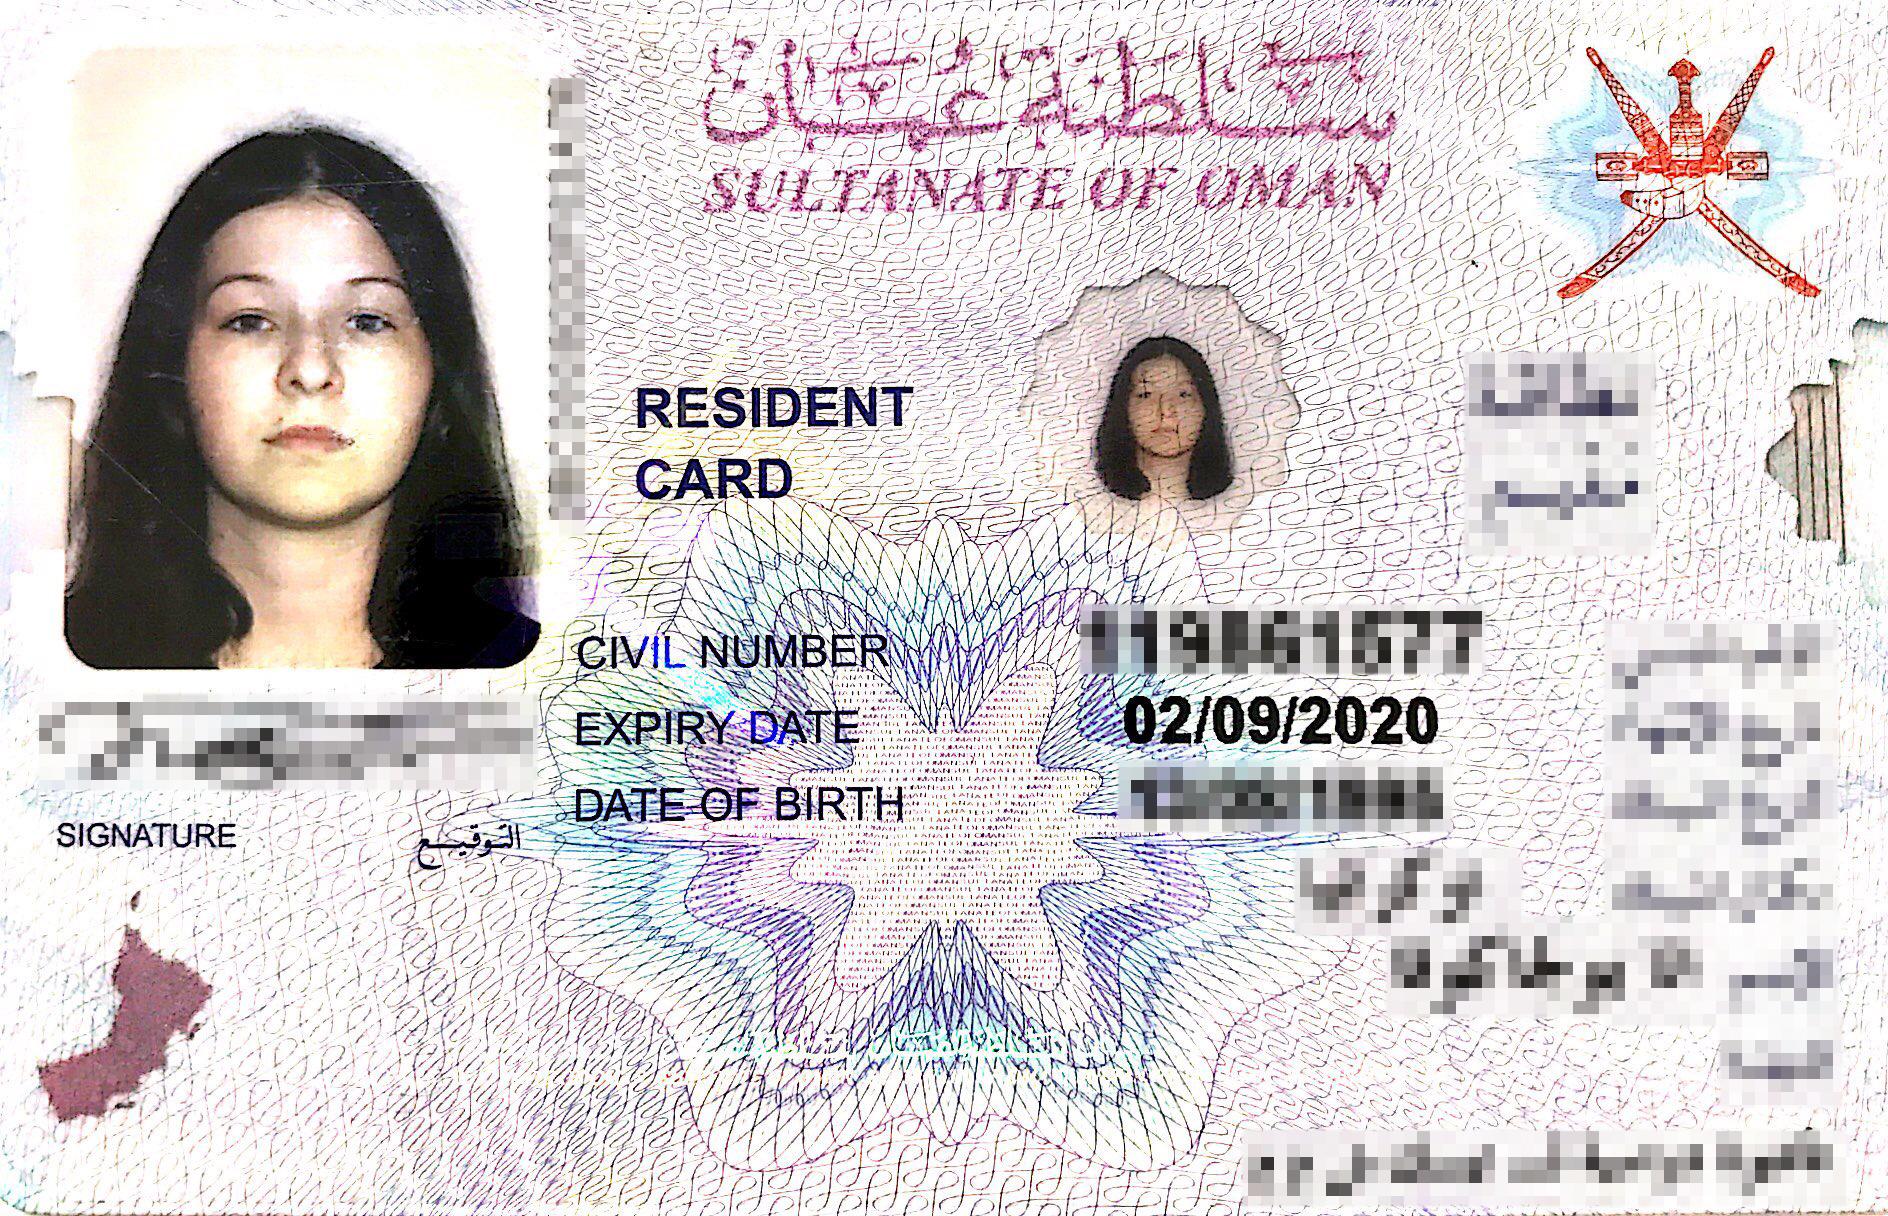 Моя оманская карточка резидента, по-арабски «битака»